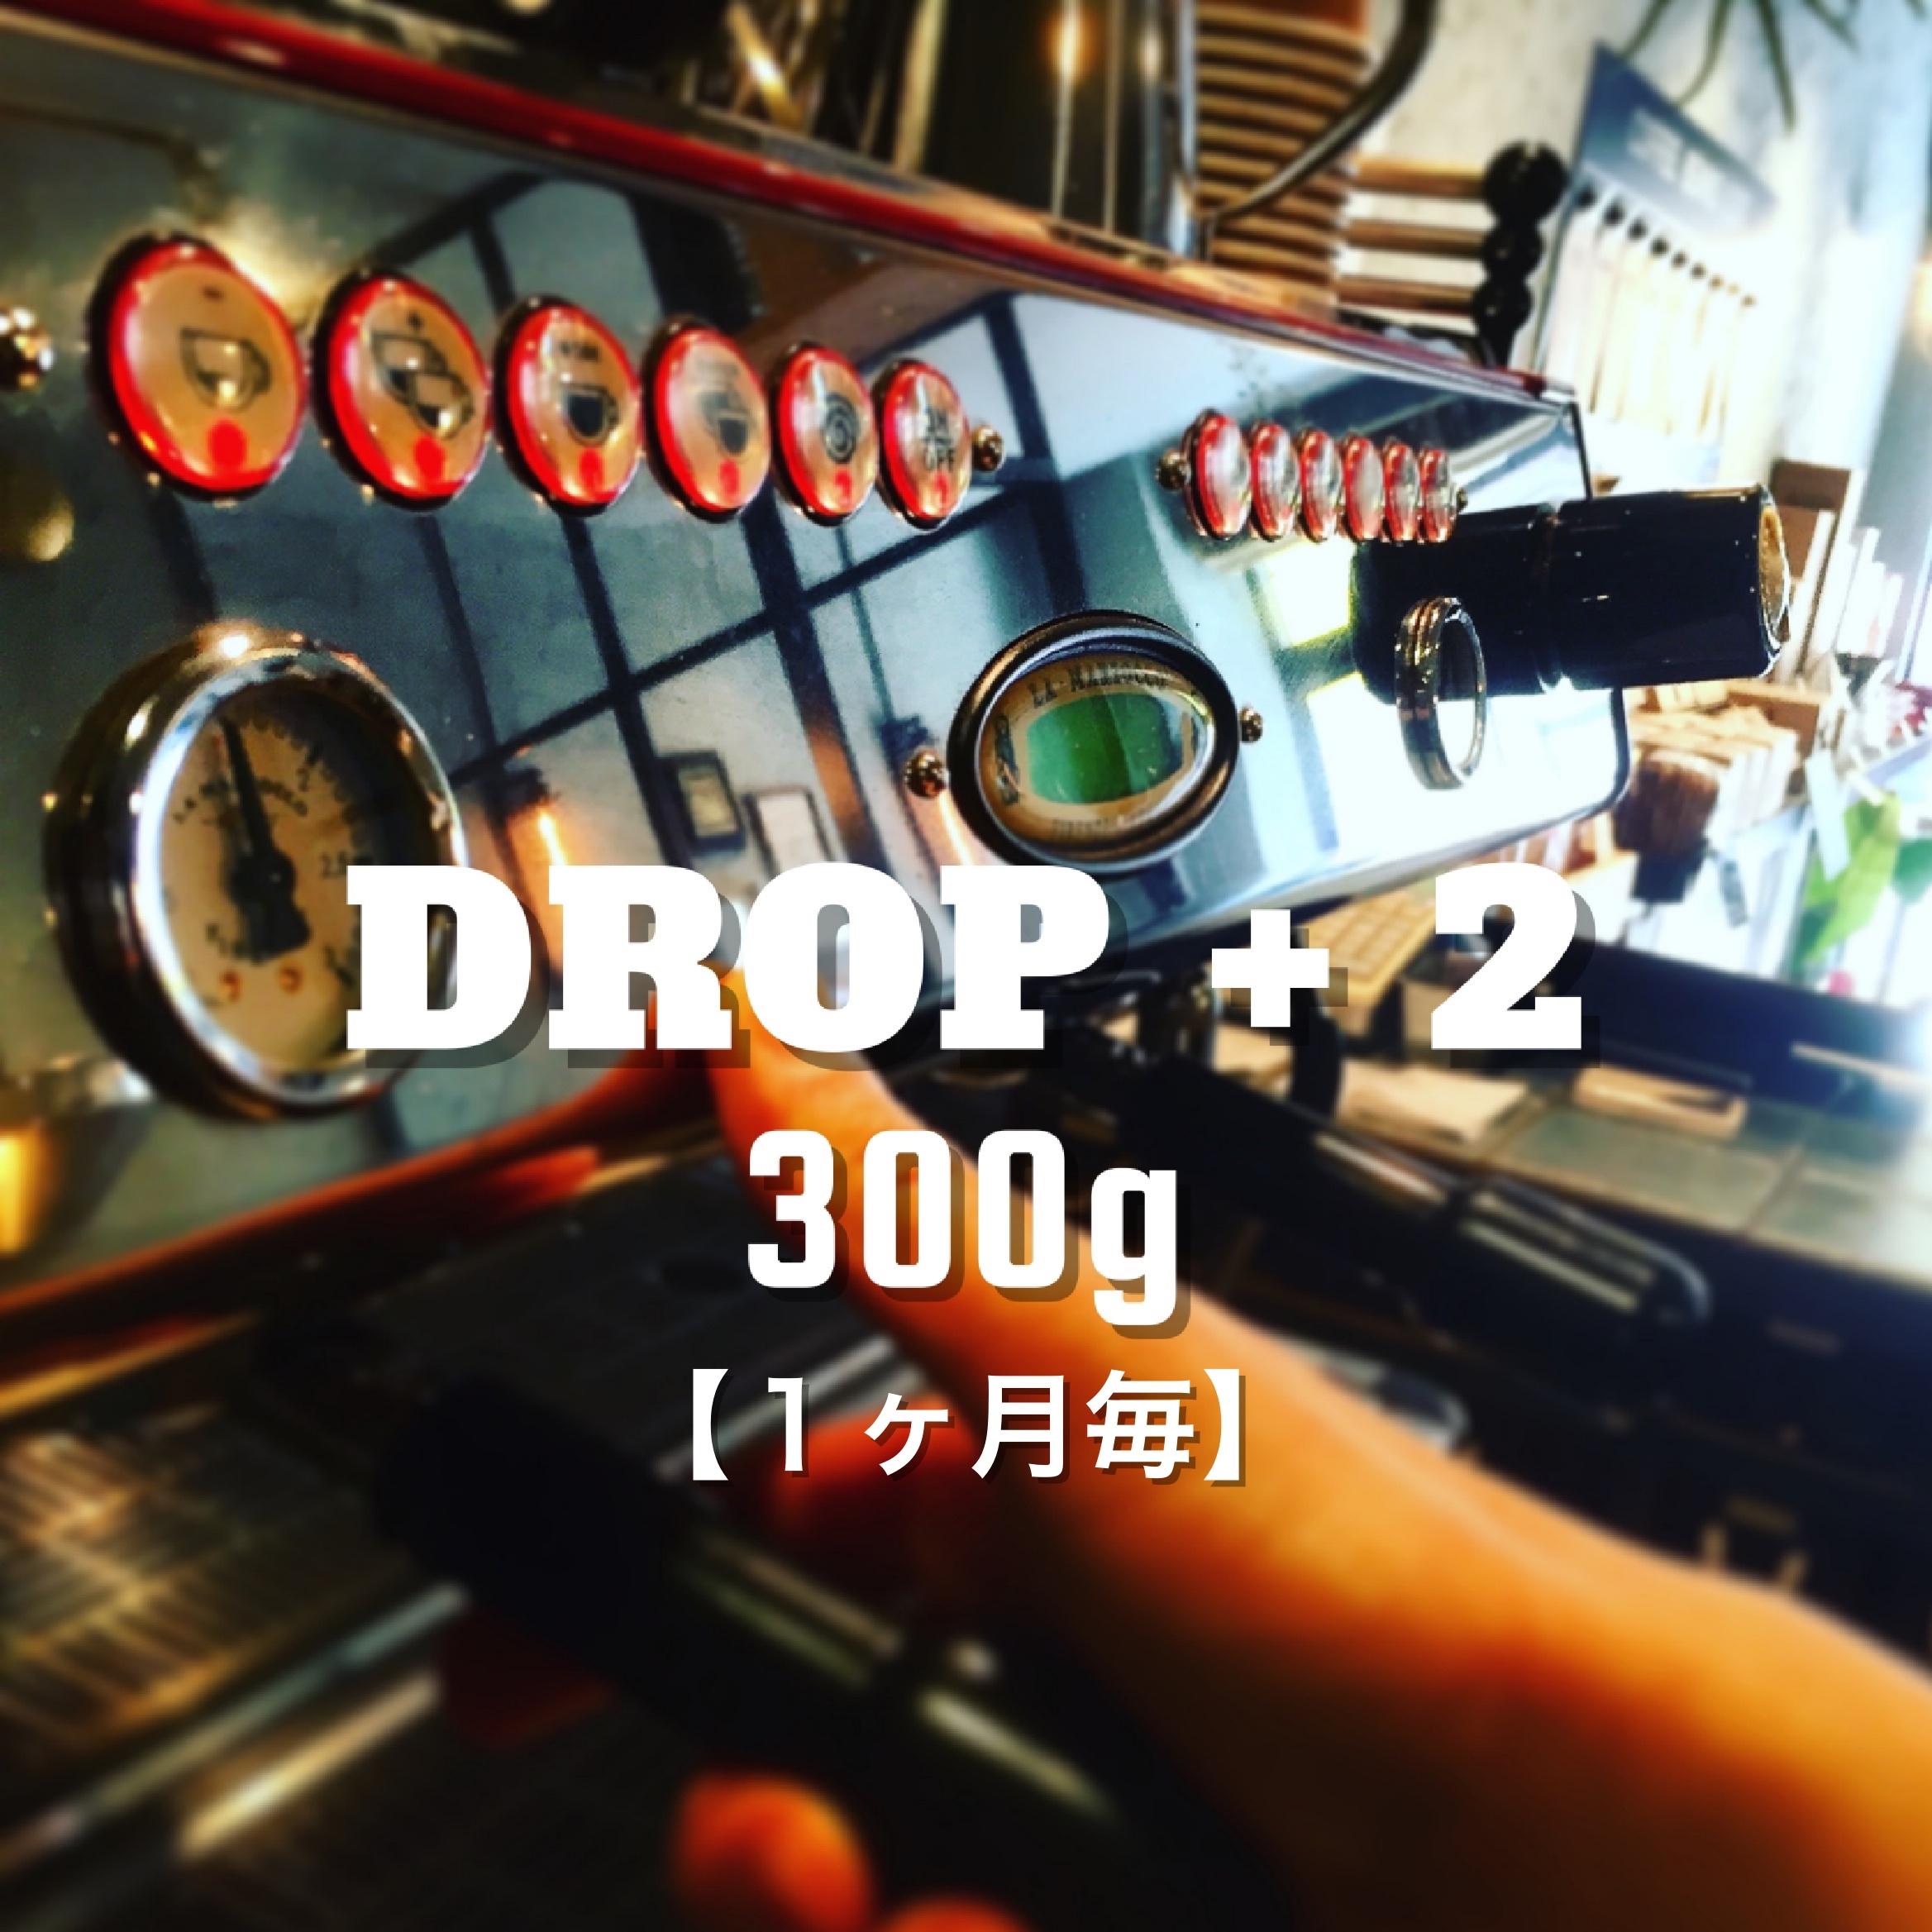 【コーヒー定期便 / 毎月3回】DROPブレンド300g+オススメのシングルオリジン2種